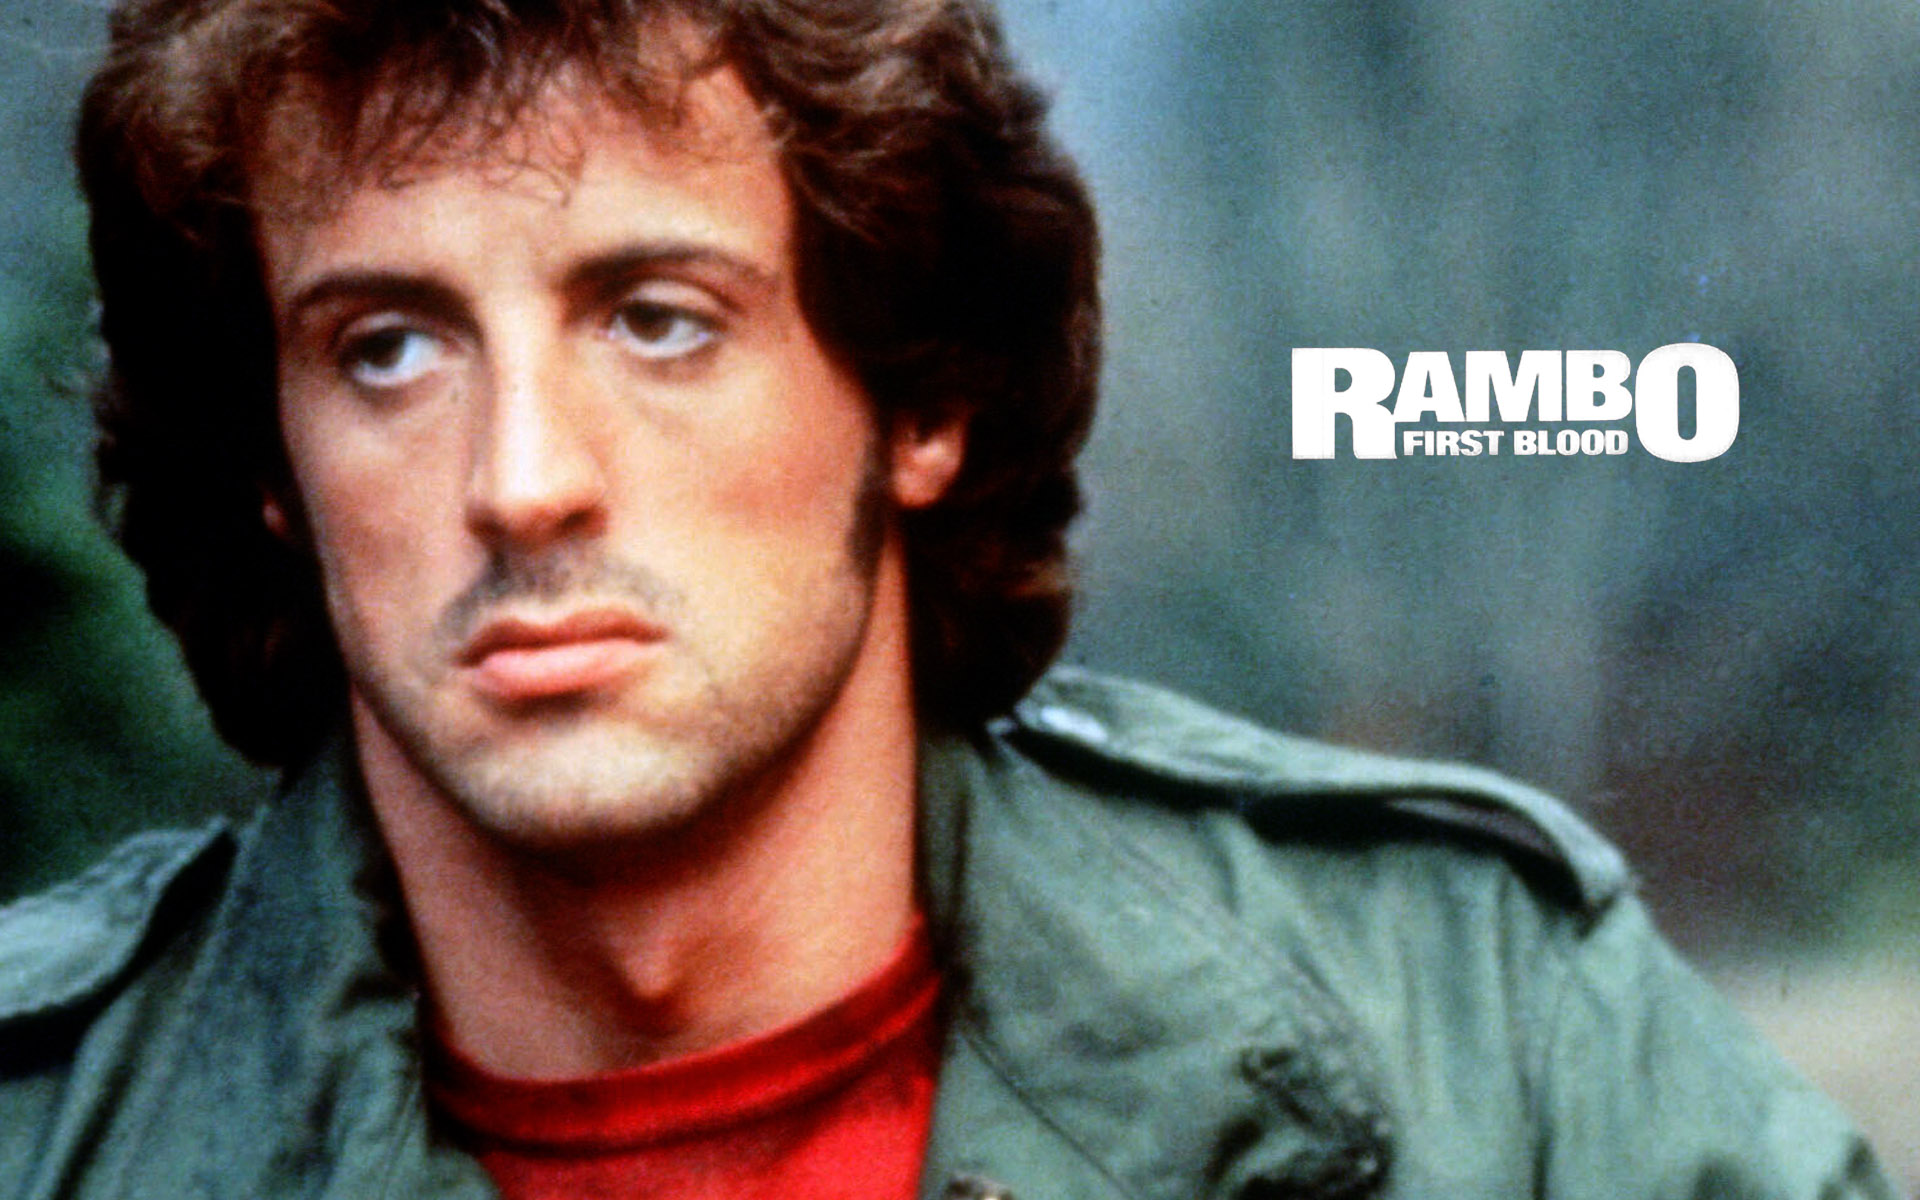 Kết quả hình ảnh cho Rambo 1